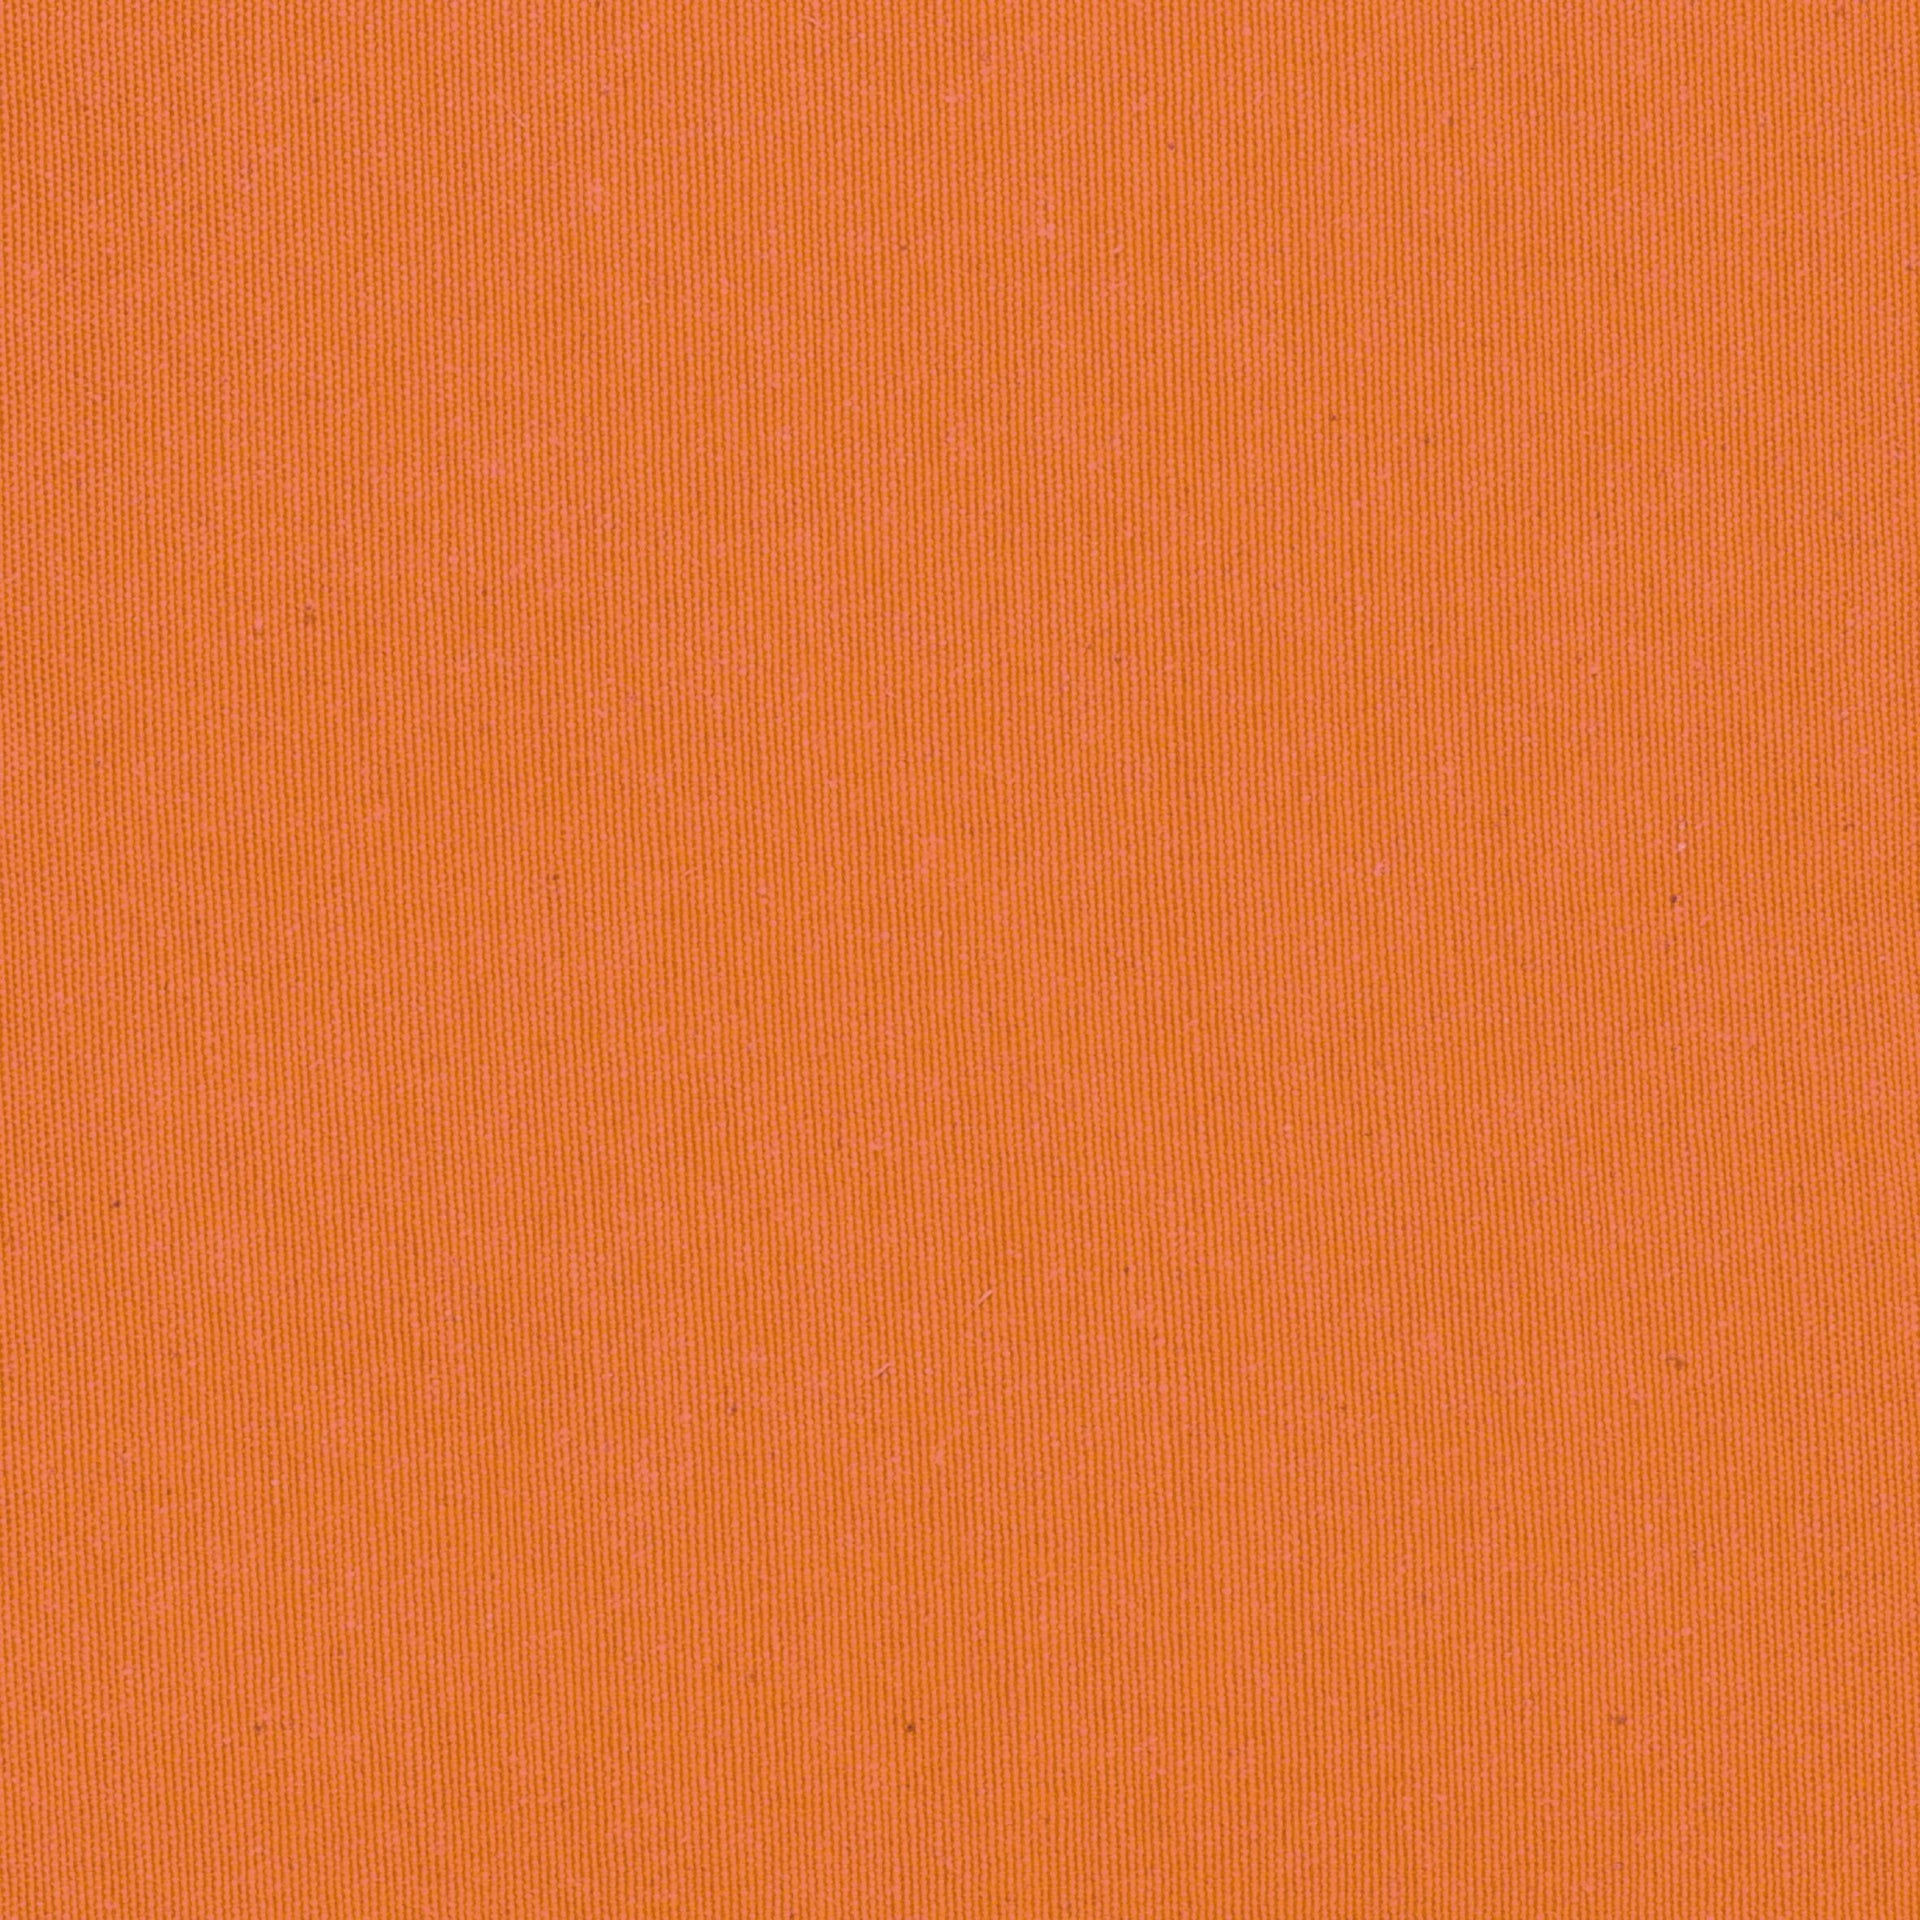 Cuscino INSPIRE Lea arancione 40x40 cm - 2